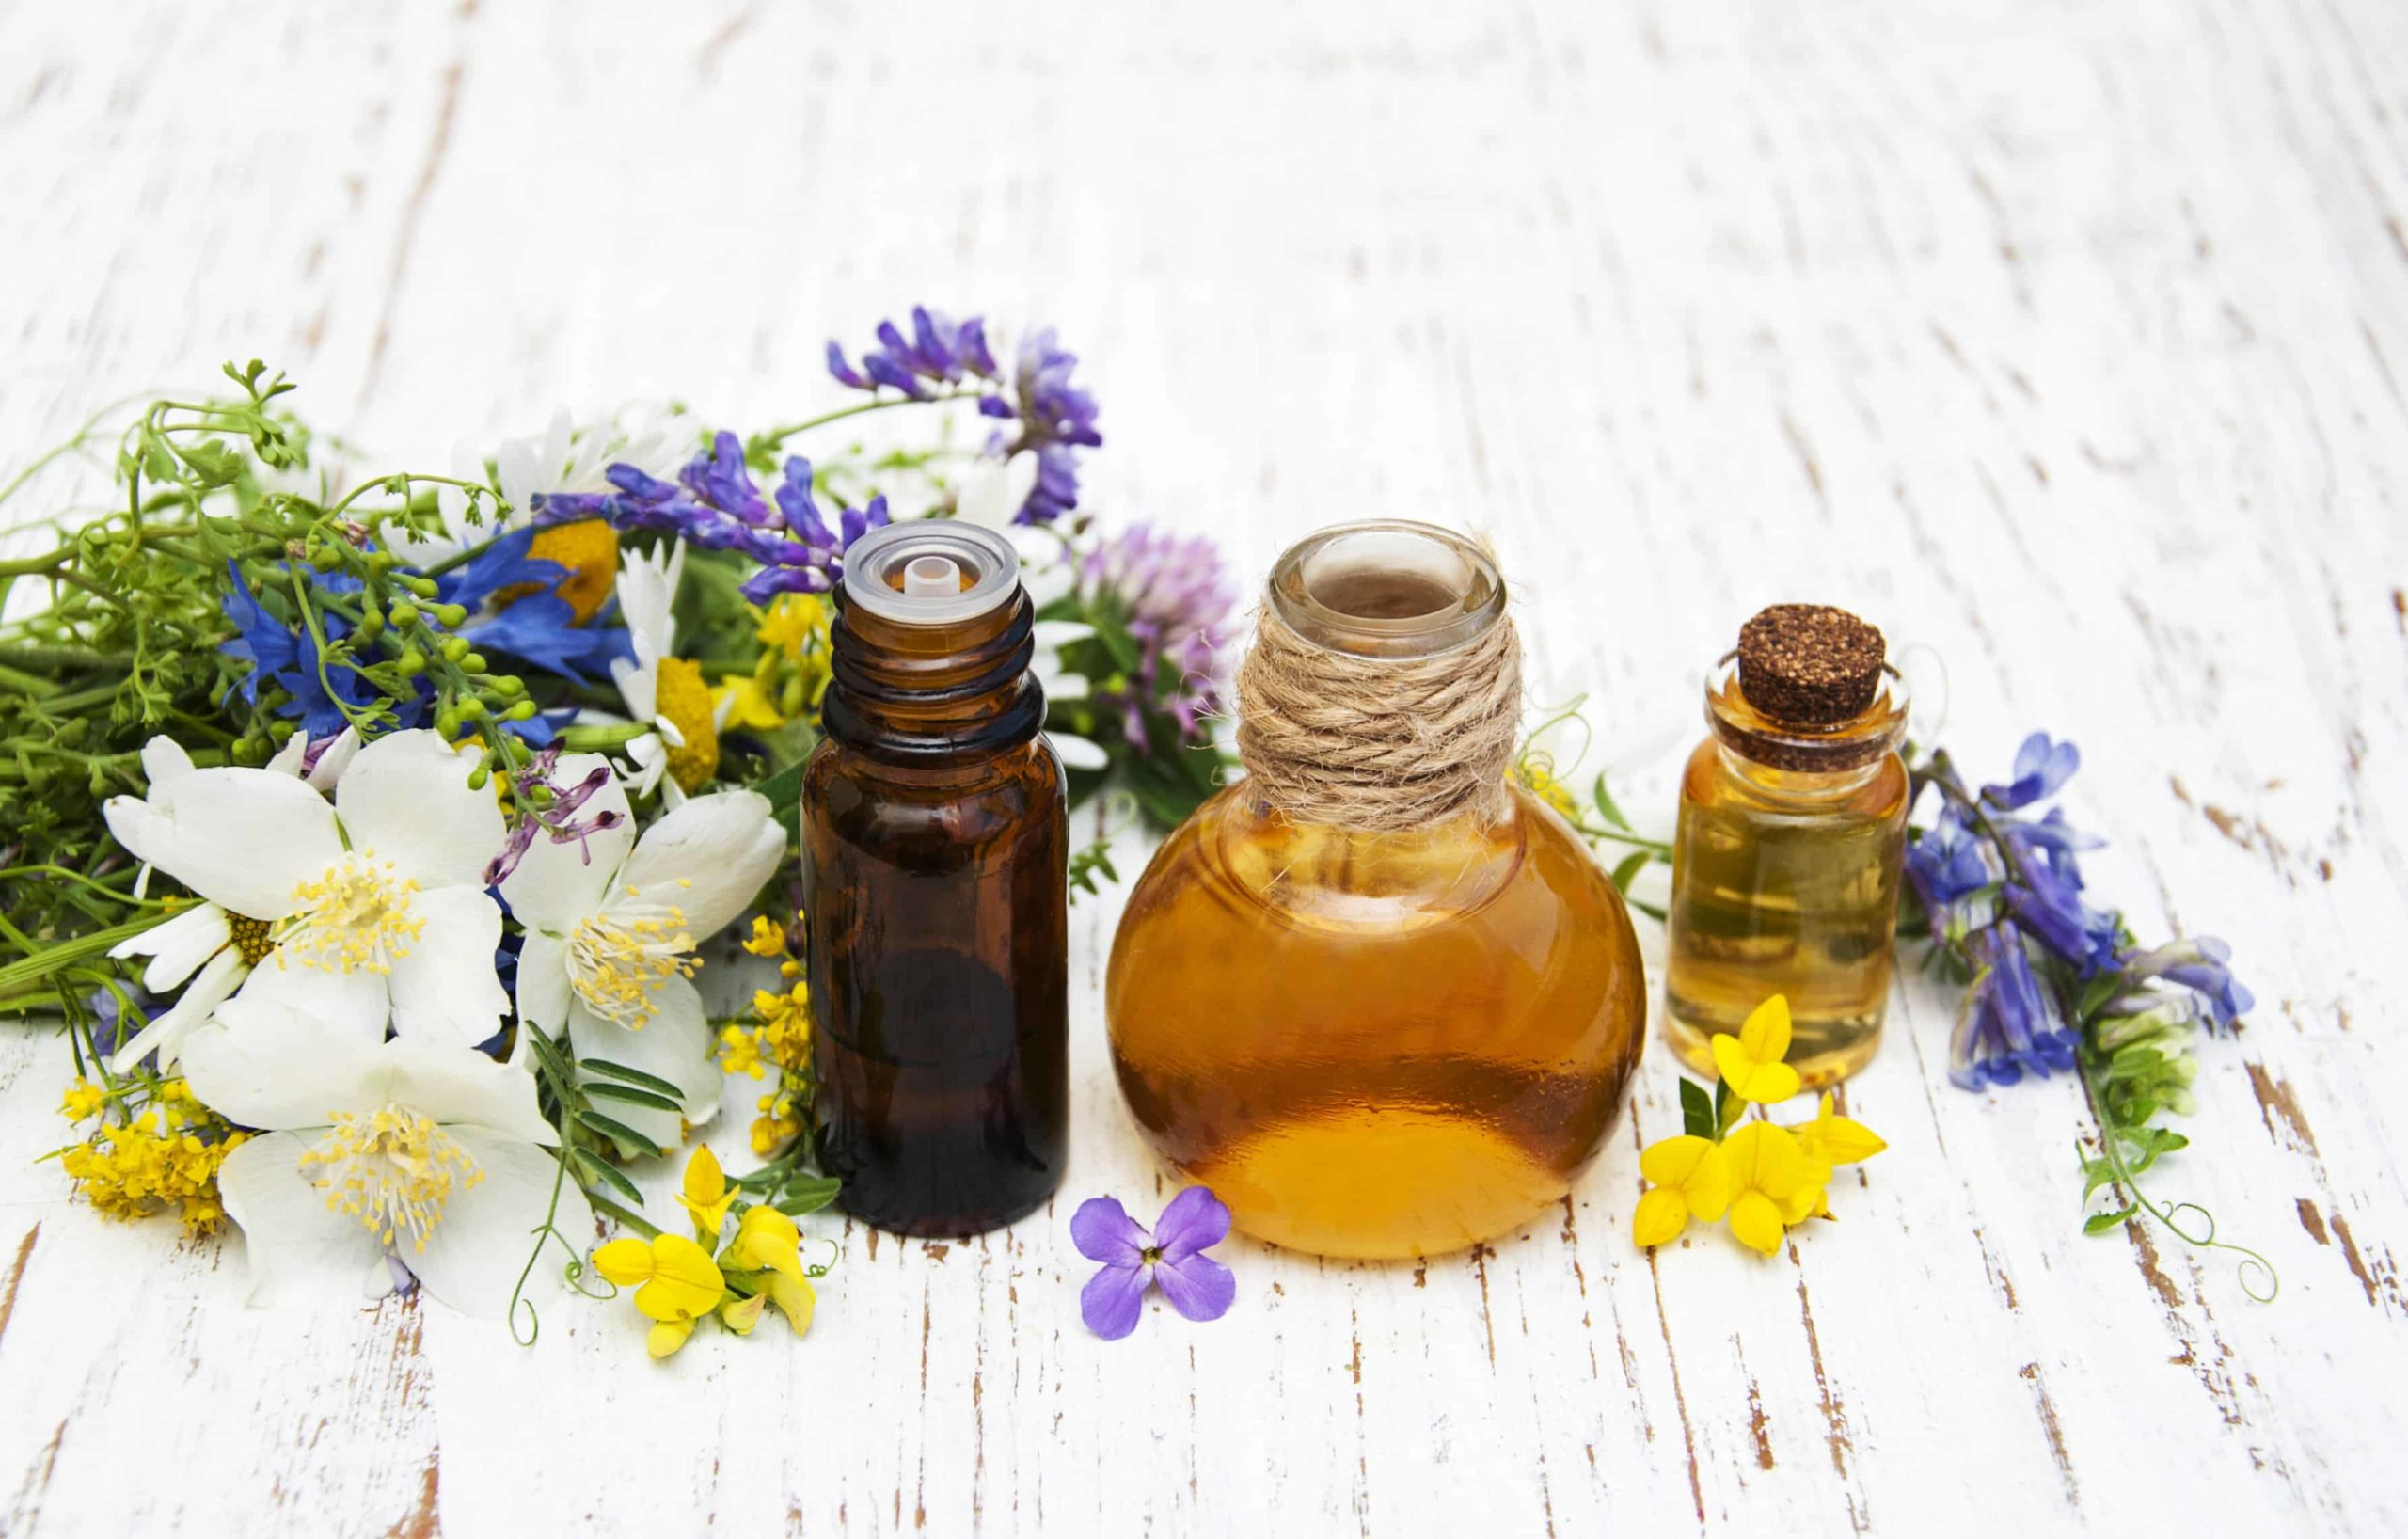 Votre tête est-elle complètement cassante avec le reste de votre visage? Essayez les huiles essentielles pour les maux de tête sinusaux! |